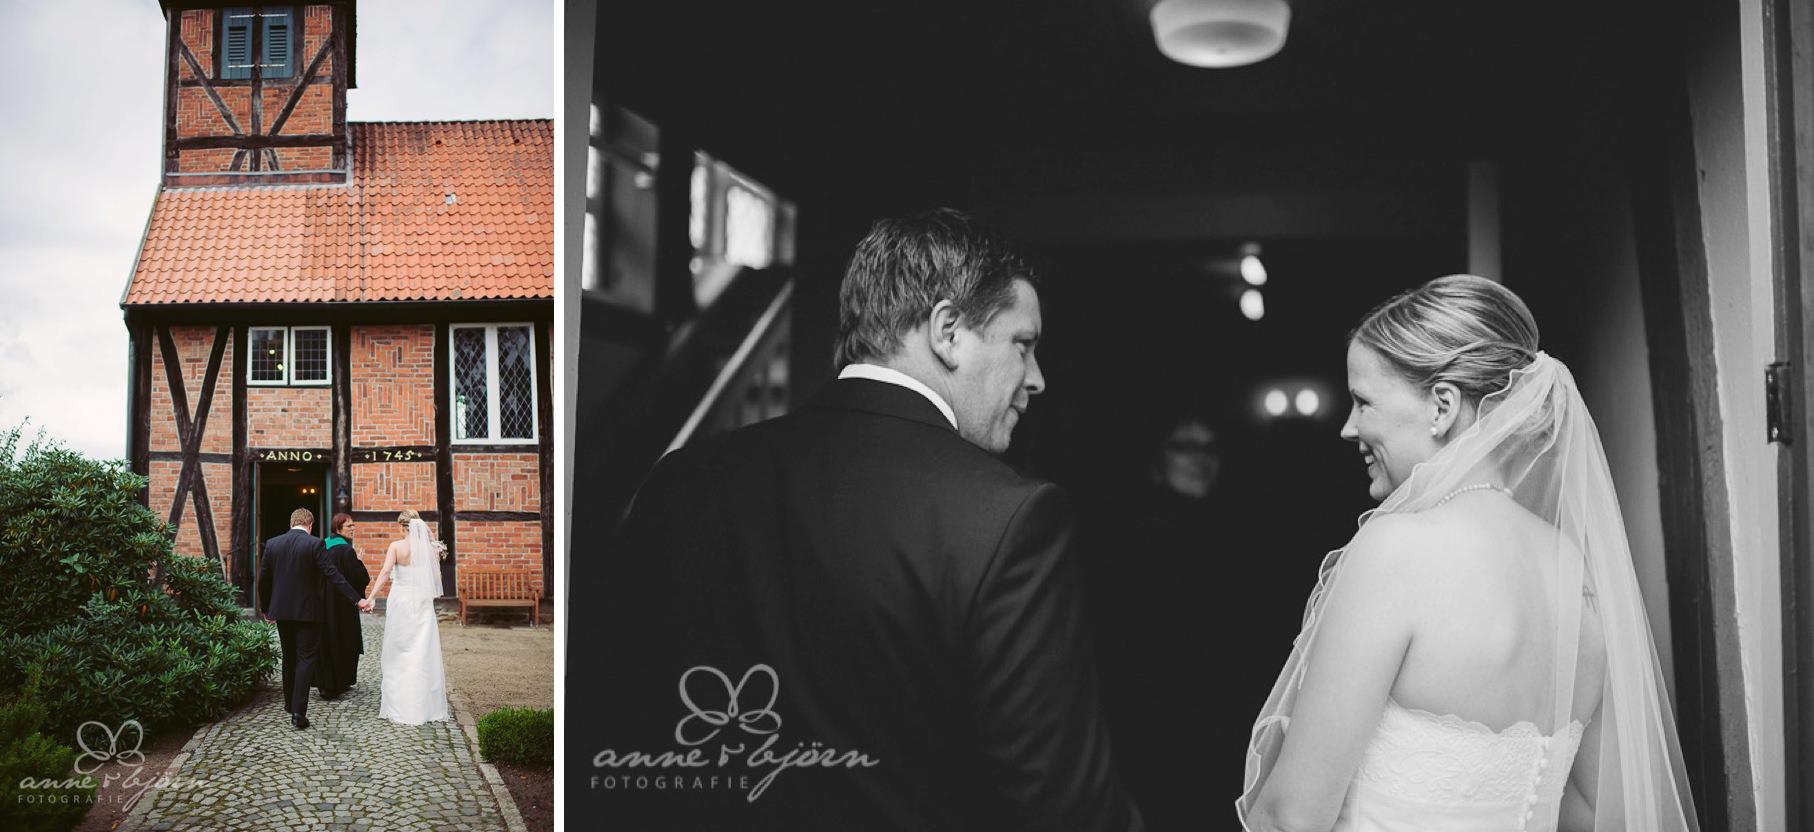 0045 cup aub 21707 1 - Conny und Philipp - Hochzeit im Hotel Waldhof auf Herrenland